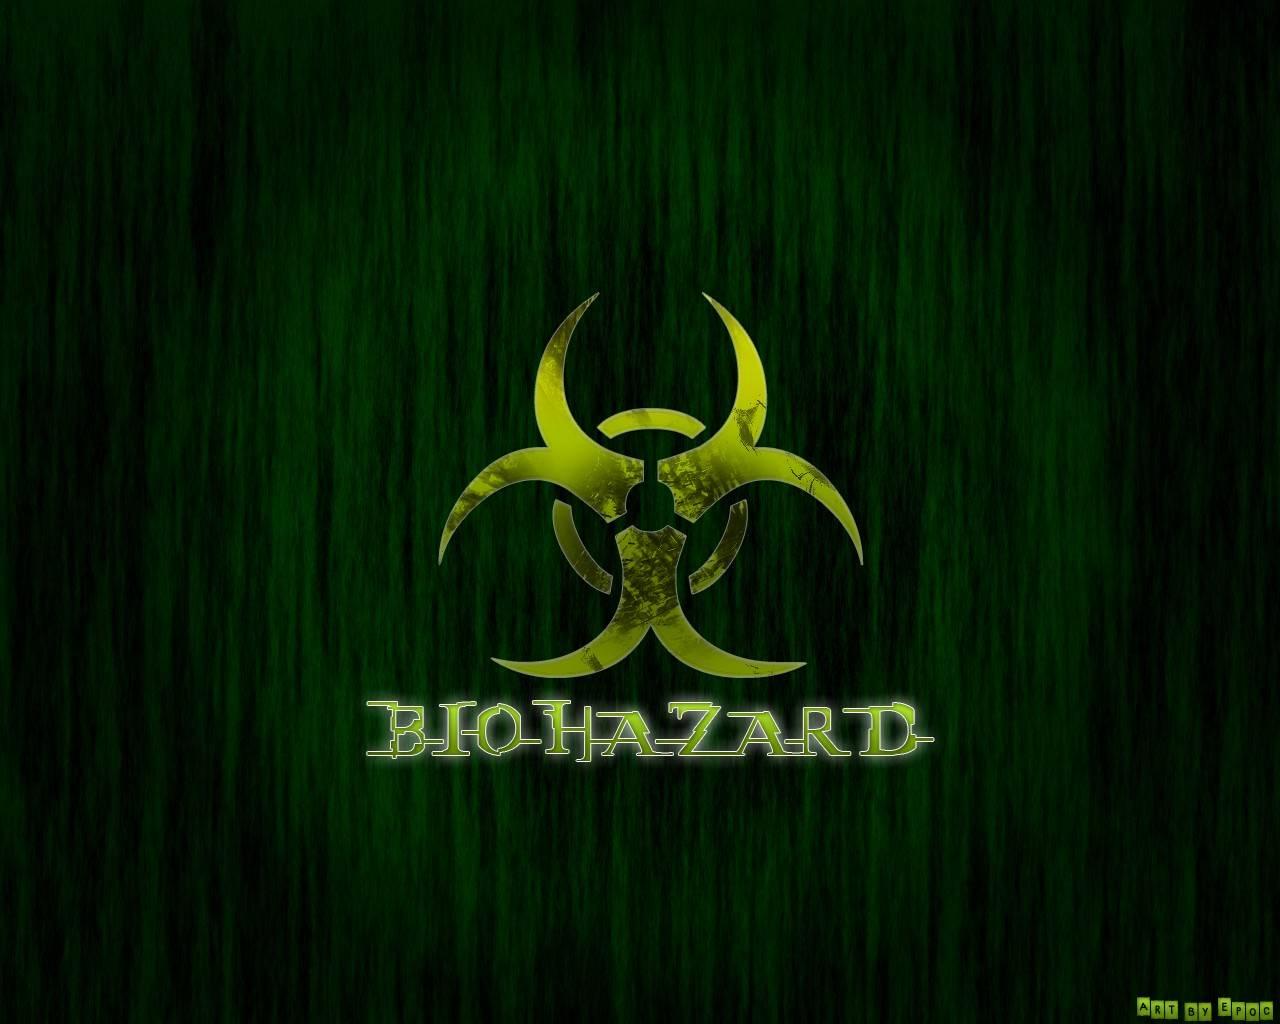 biohazard - widescreen pictures